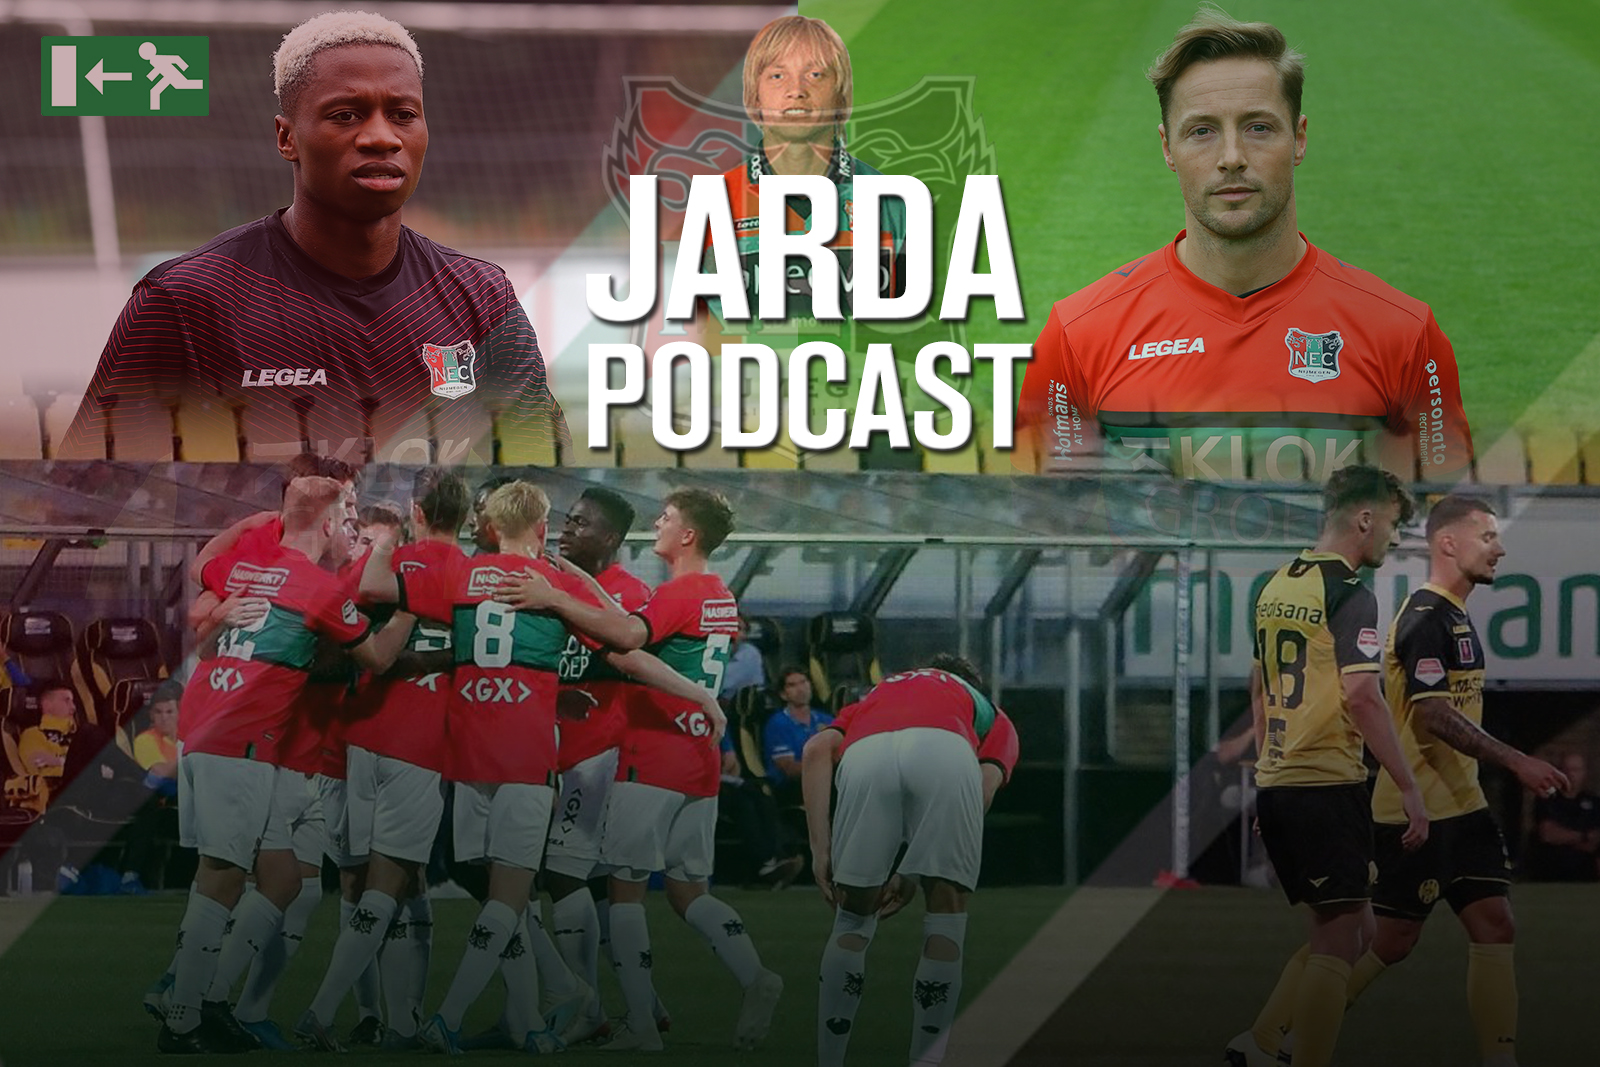 Jarda Podcast #18: Vlaaienfeest in Kerkrade en de laatste transferperikelen